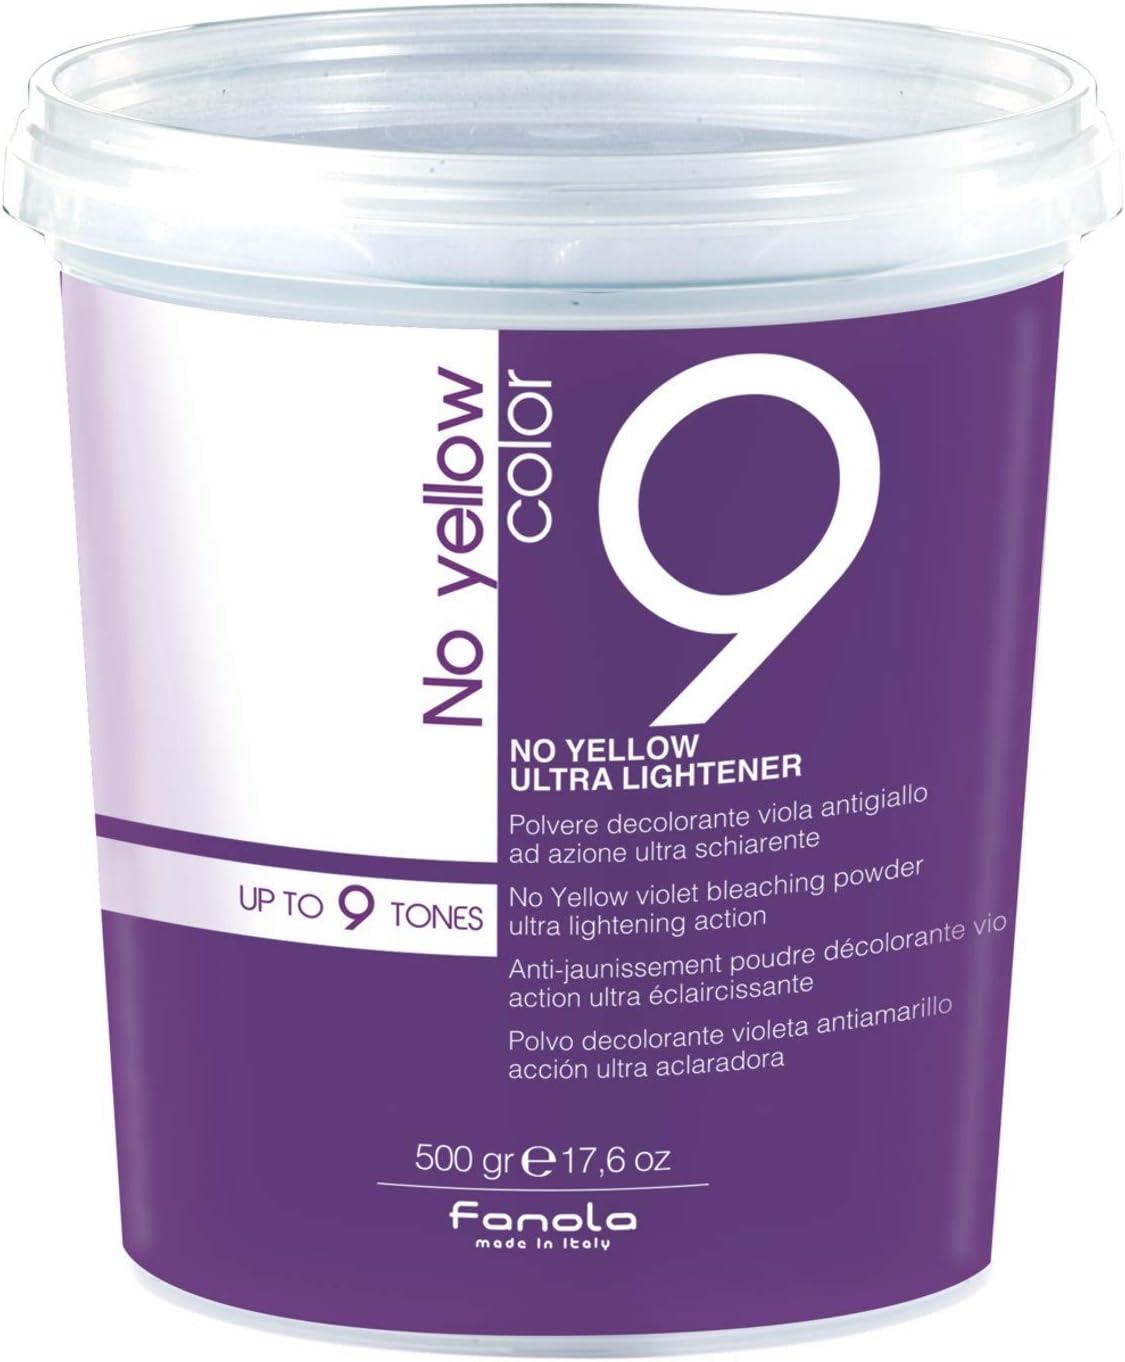 Fanola – Polvo decolorante violeta antiamarillo ultra ...